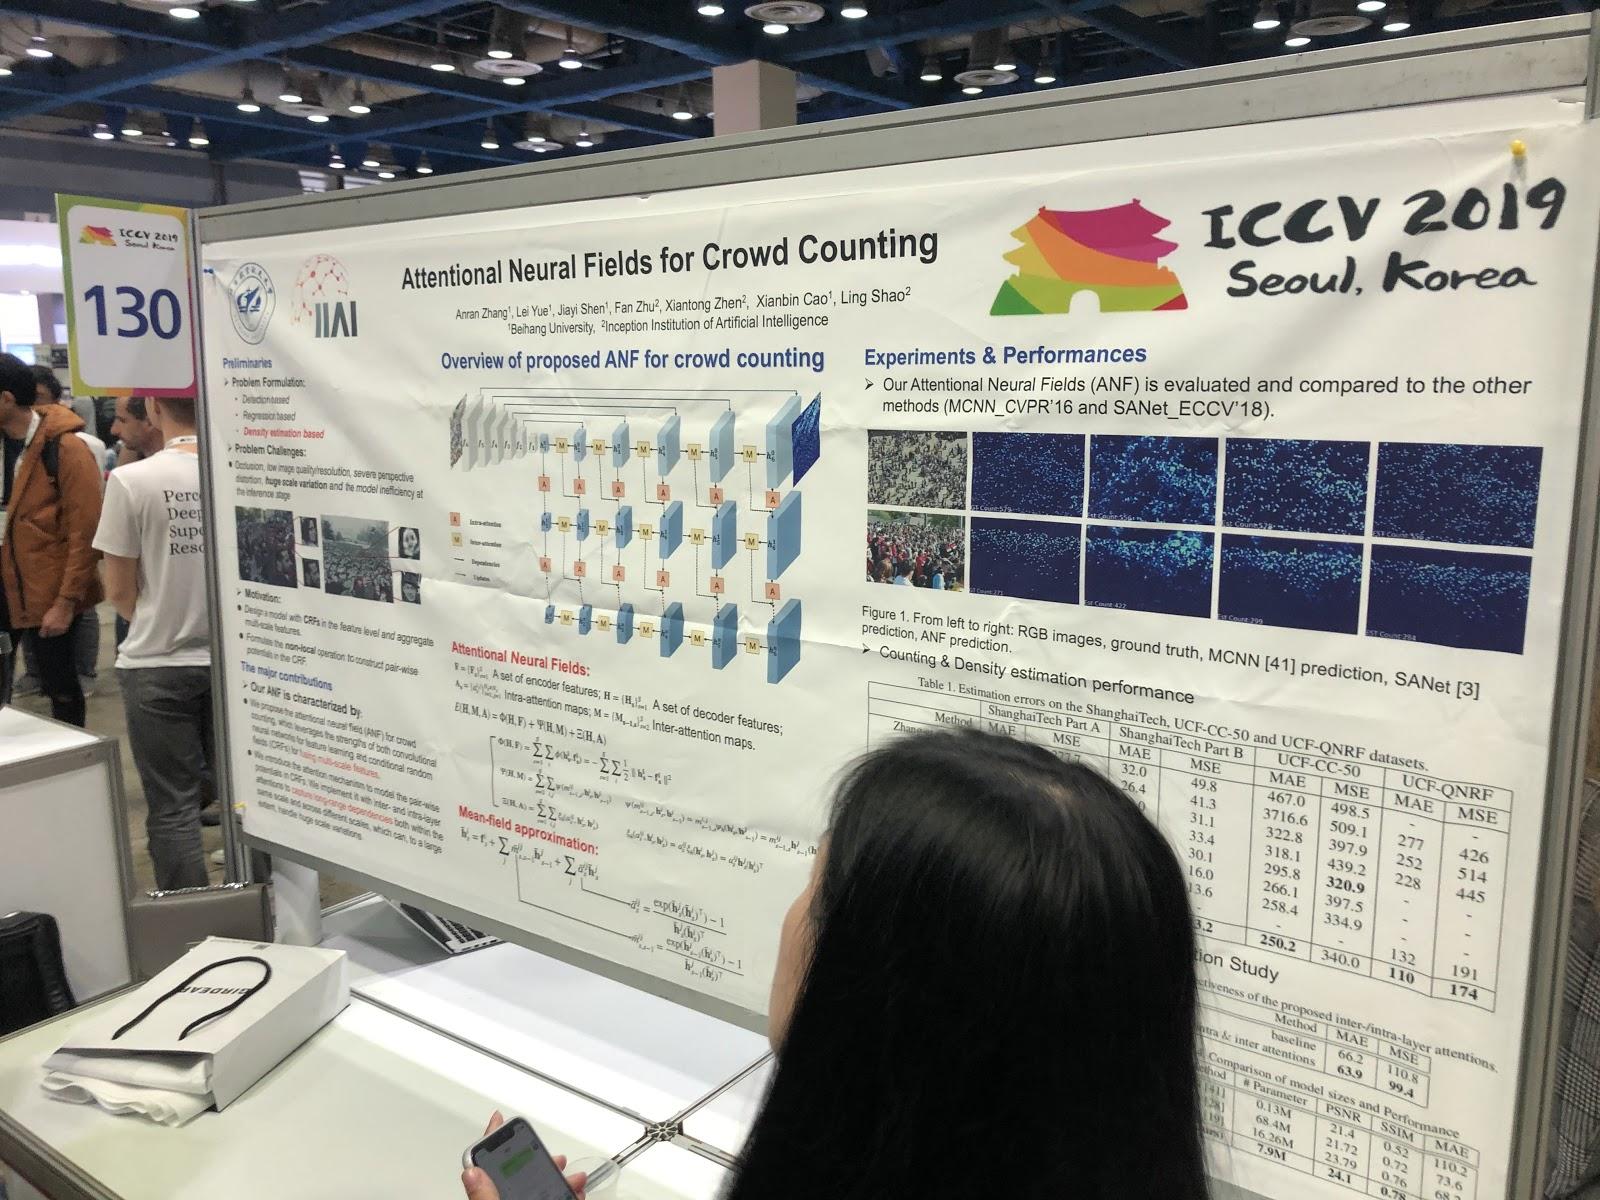 Тренды в компьютерном зрении. Хайлайты ICCV 2019 - 24